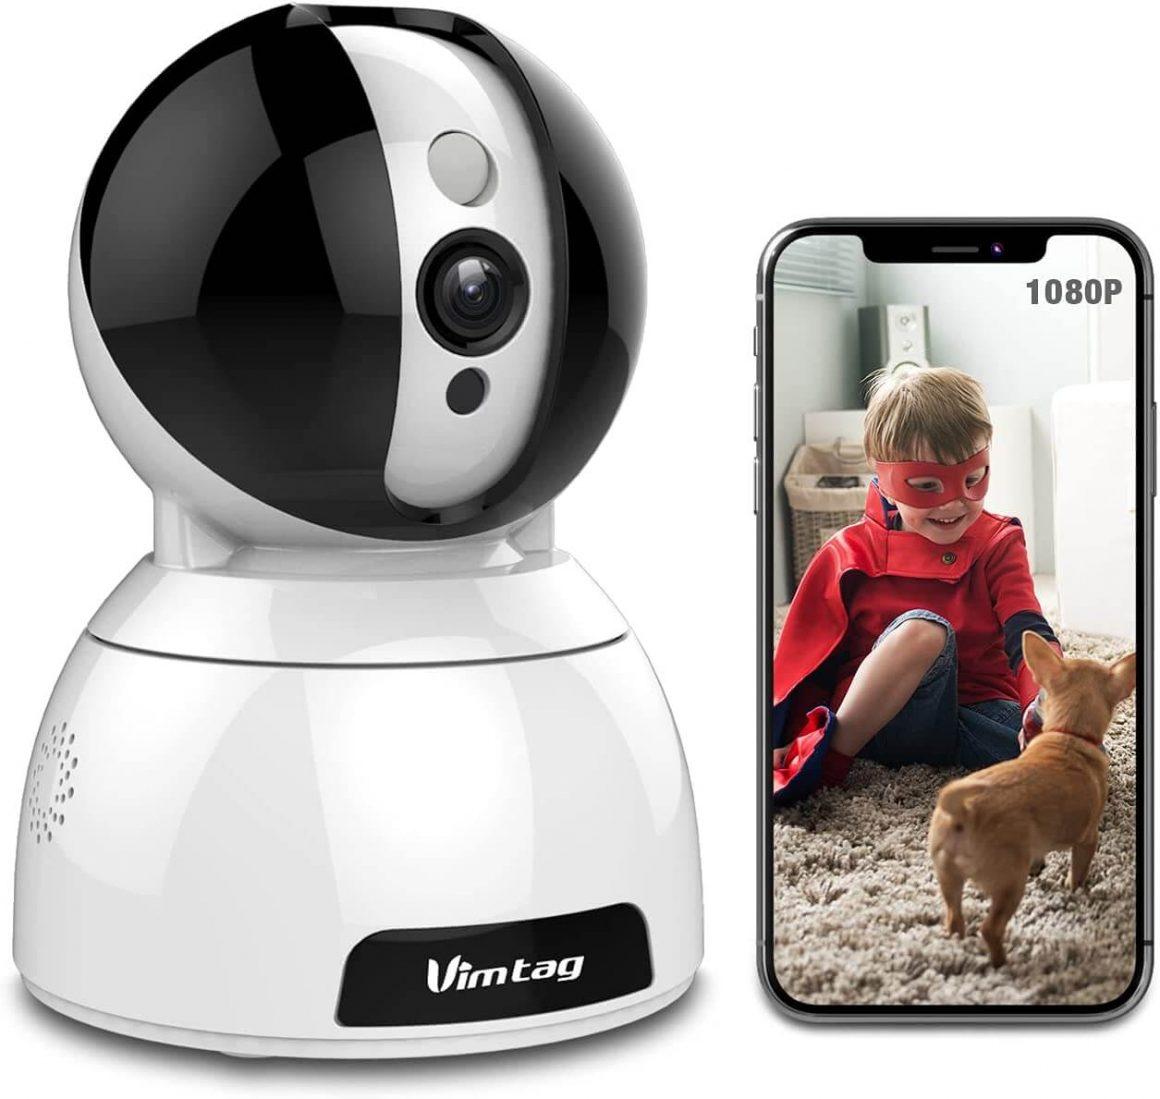 Vimtag Monitor Camera